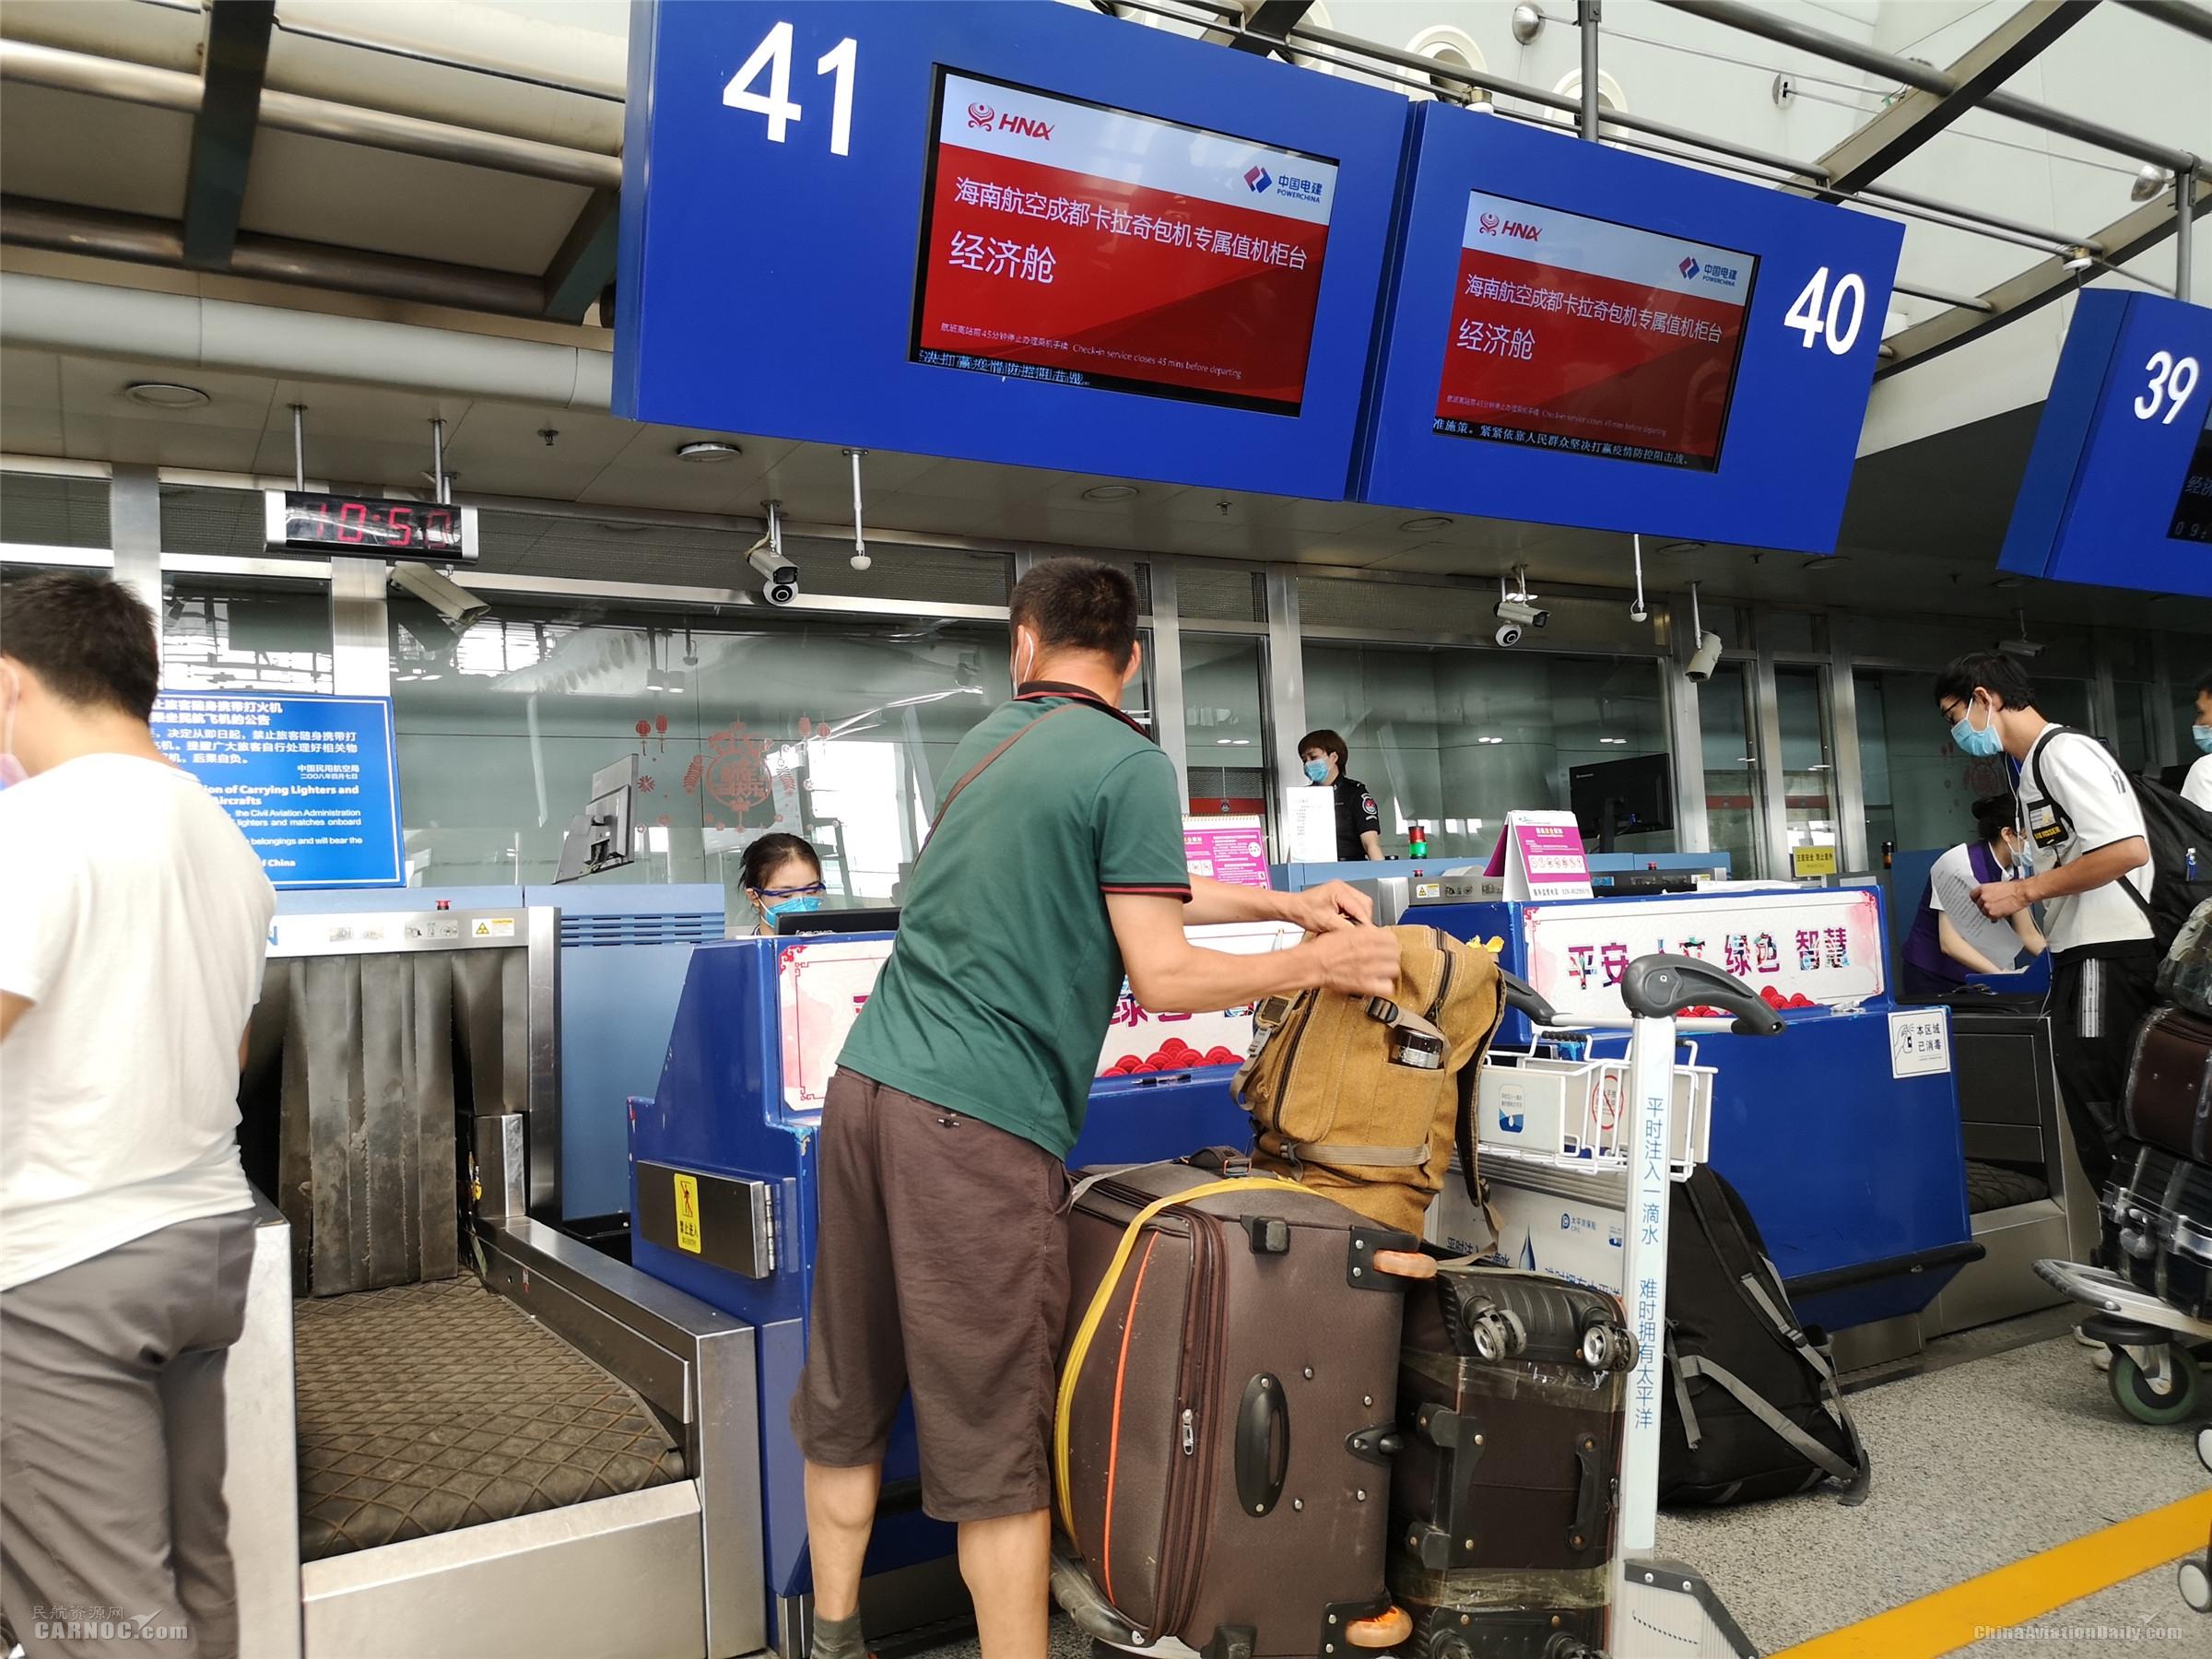 海航打造包机航班地面专业团队 高效保障助力社会各界复工复产